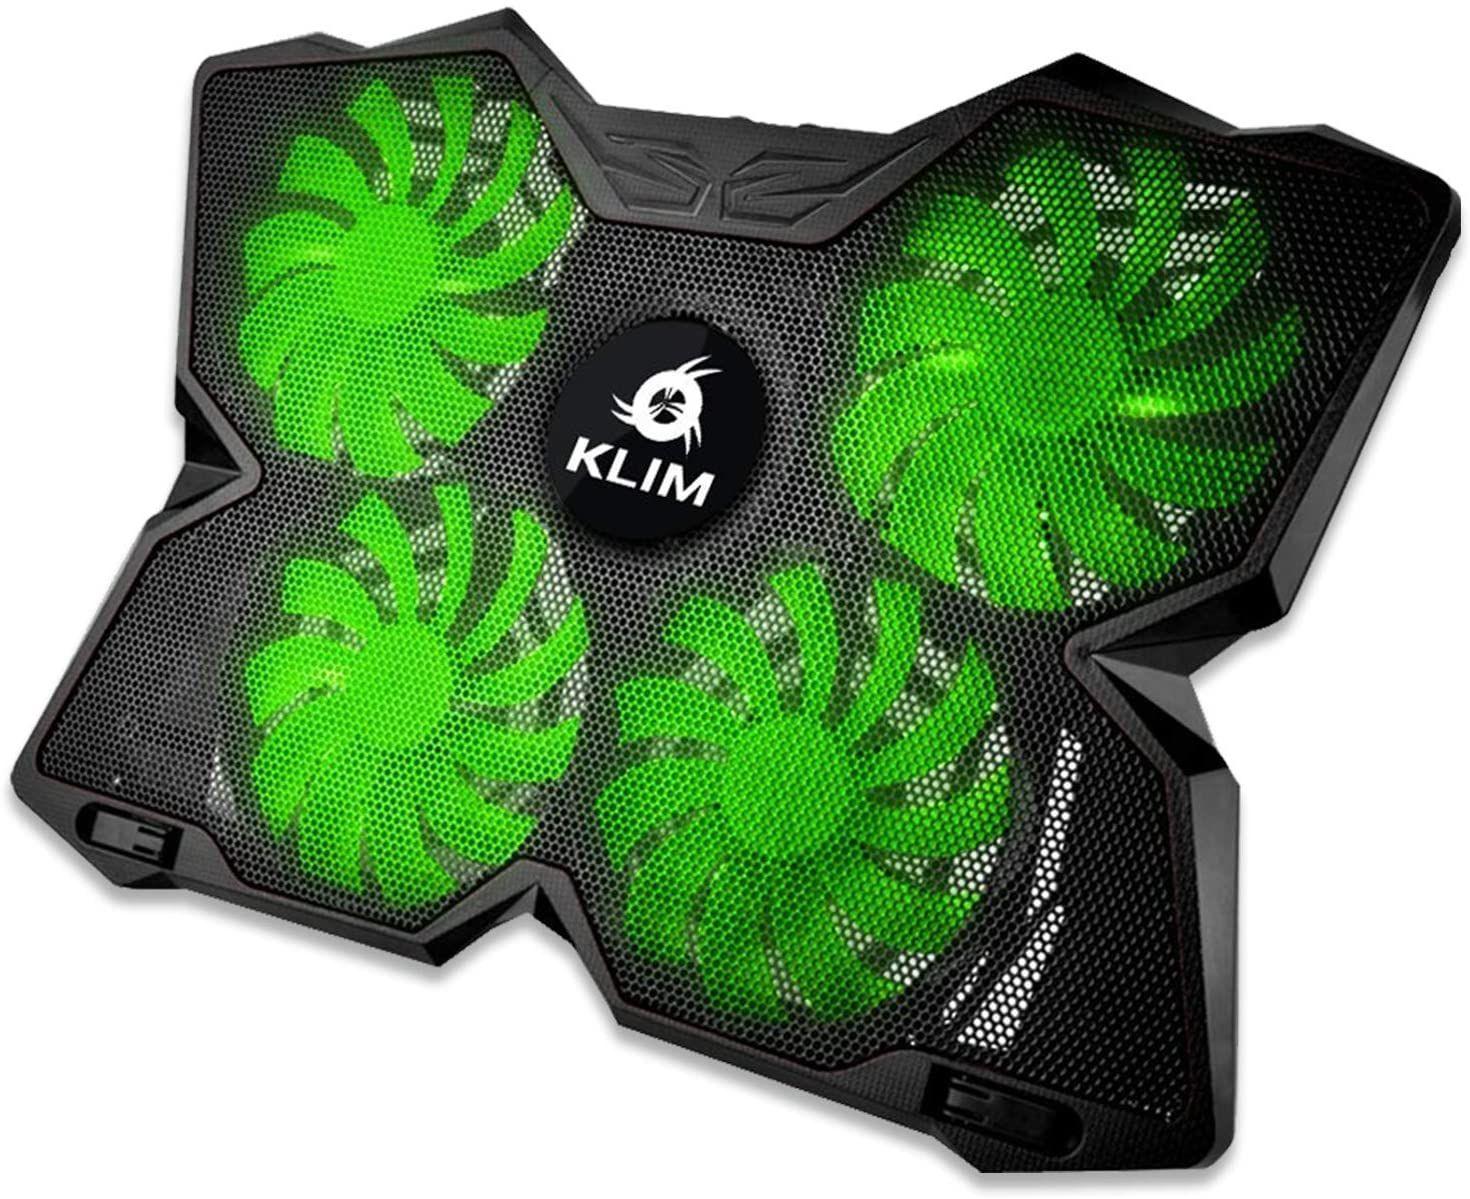 Klim Wind - Laptop cooler/chiller